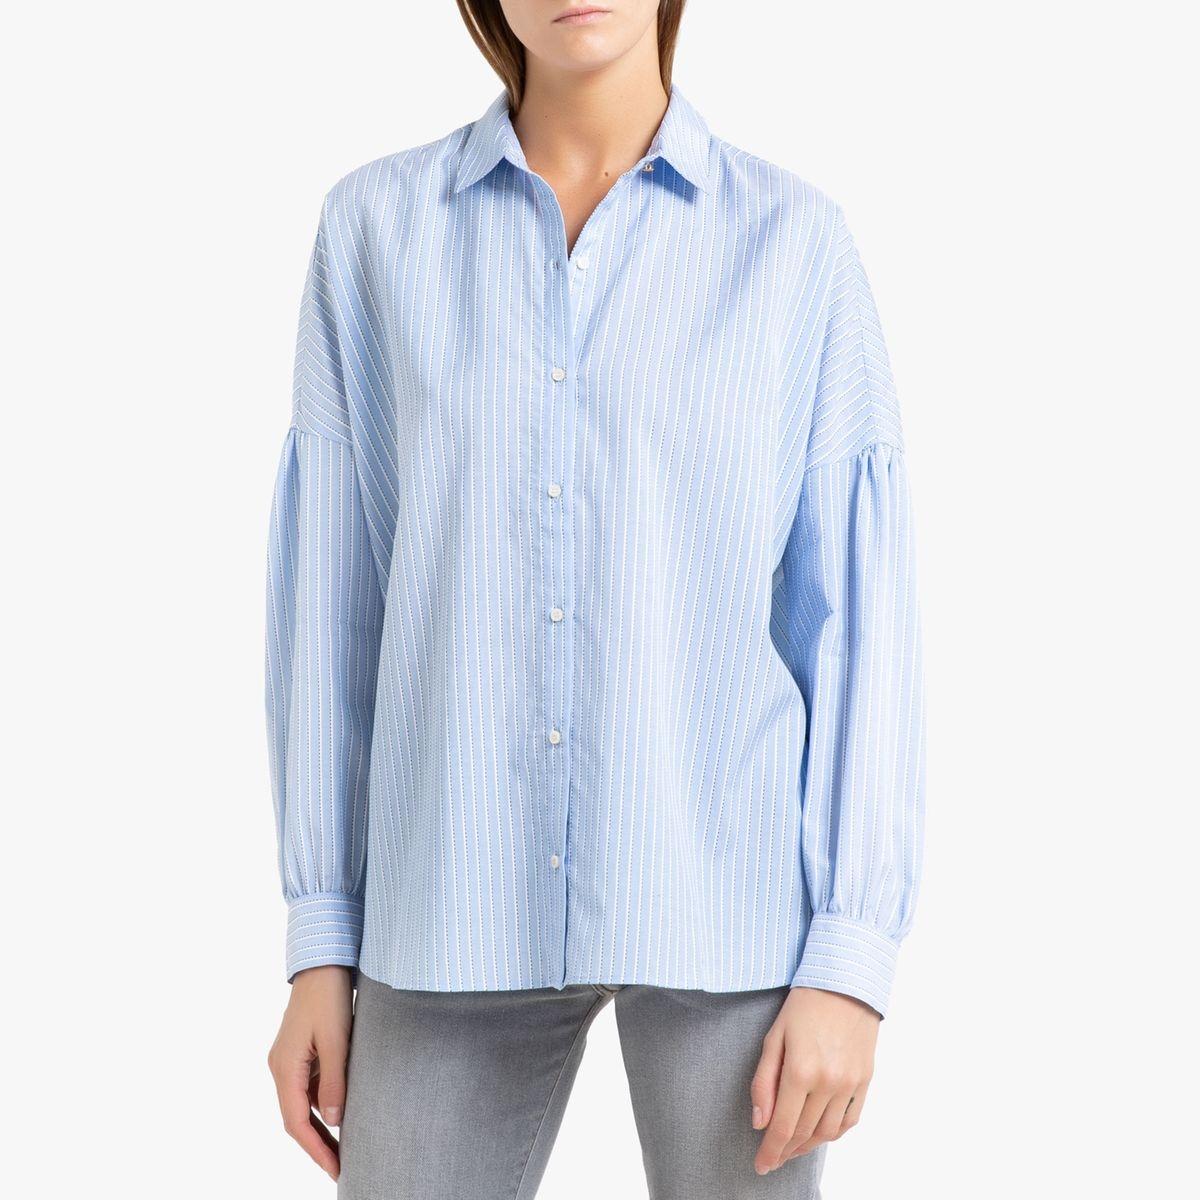 Chemise rayée oversize à manches longues BOTAN